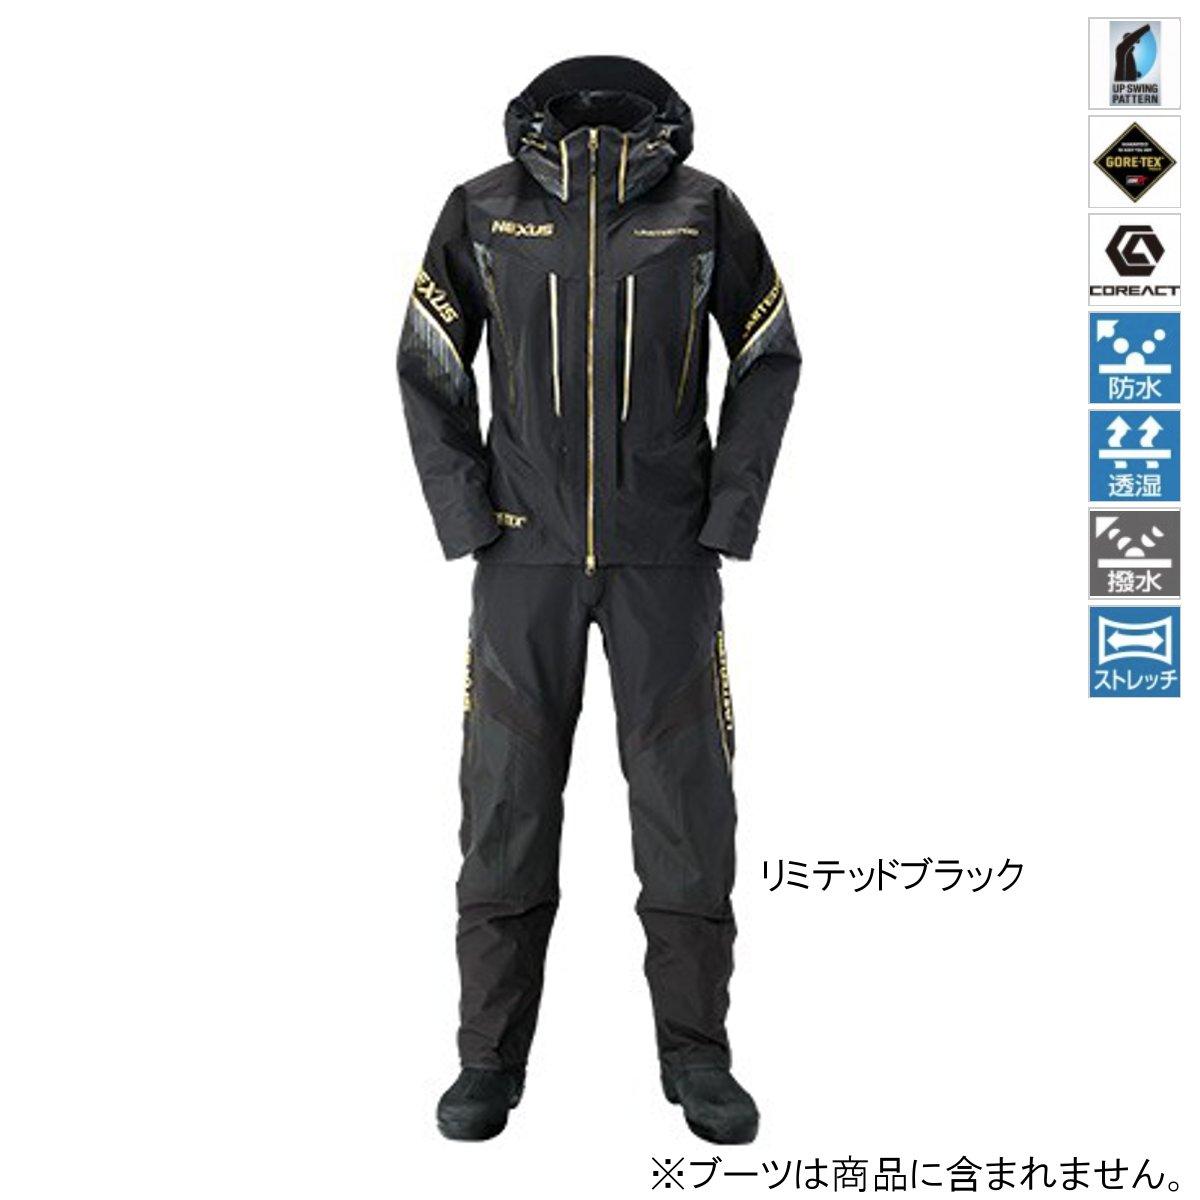 シマノ NEXUS・GORE-TEX レインスーツ LIMITED PRO RA-112S XL リミテッドブラック(東日本店)